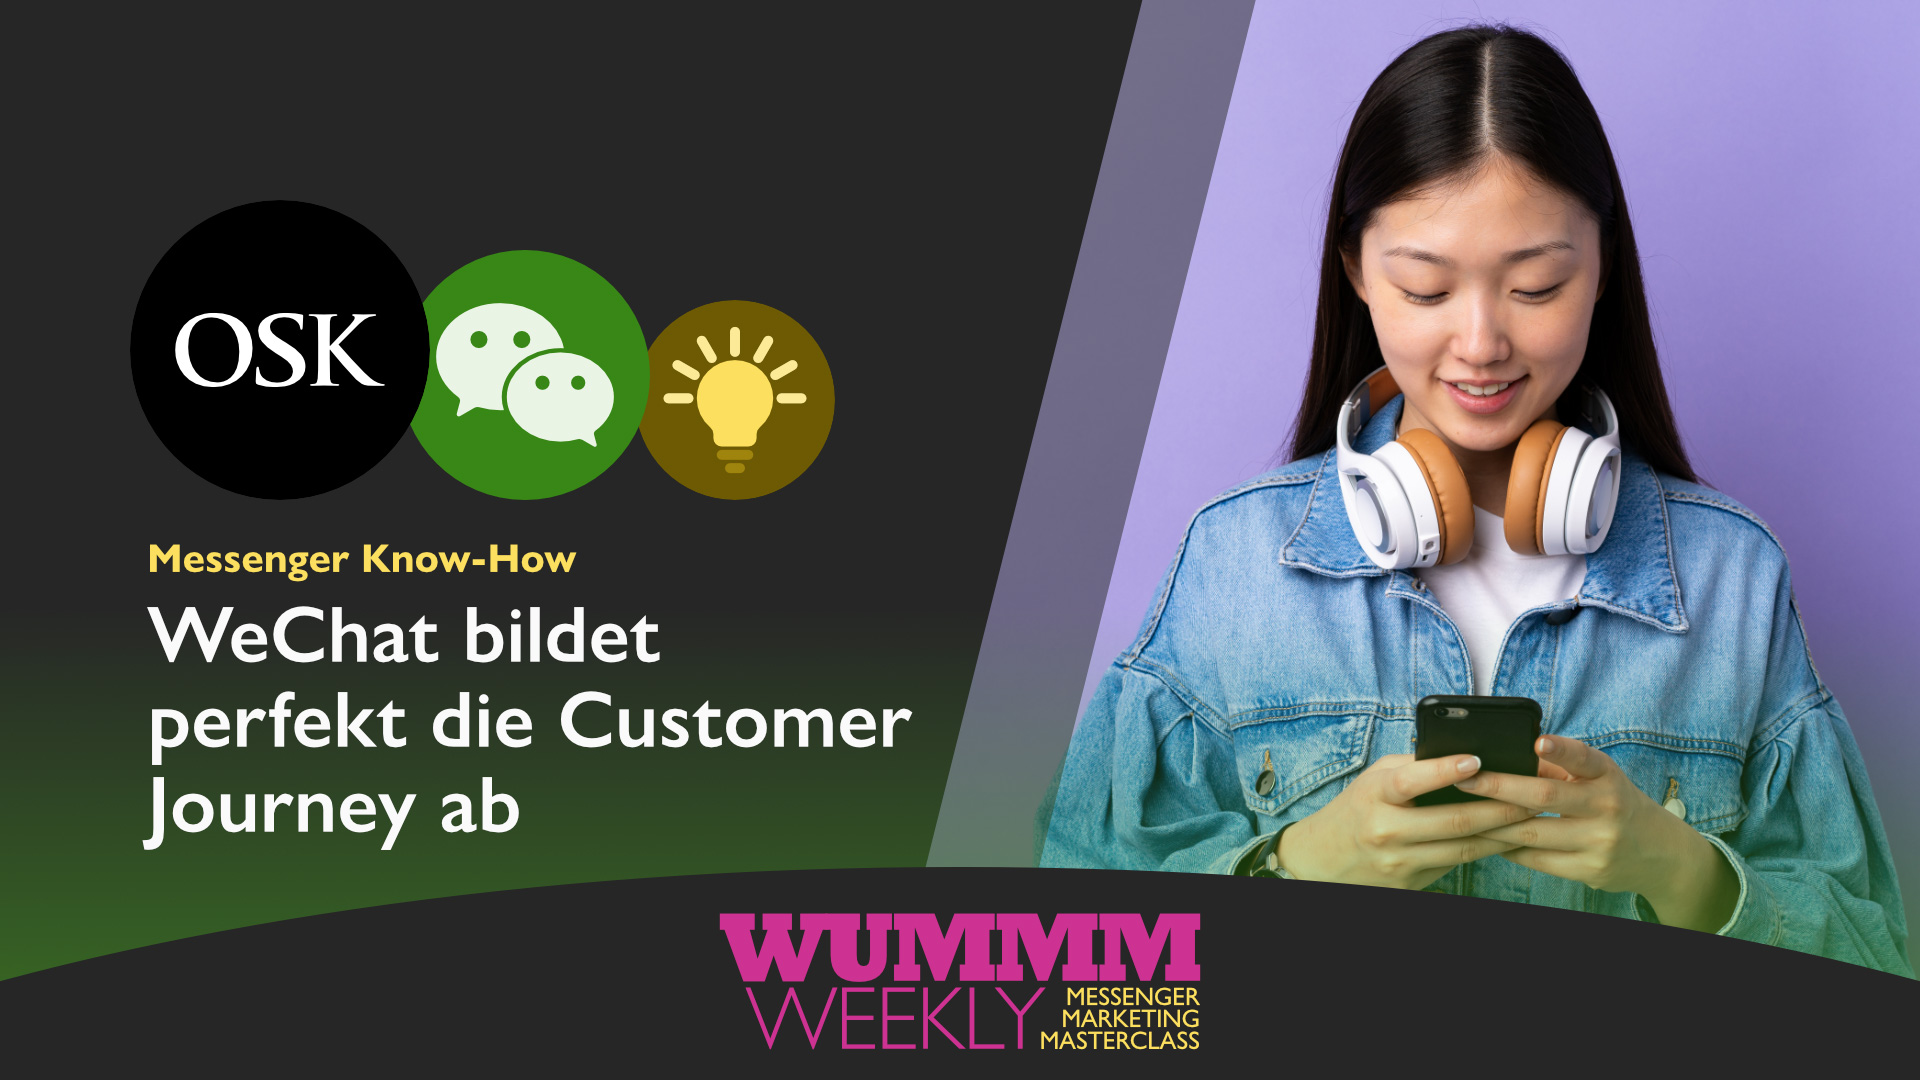 Customer journey WeChat